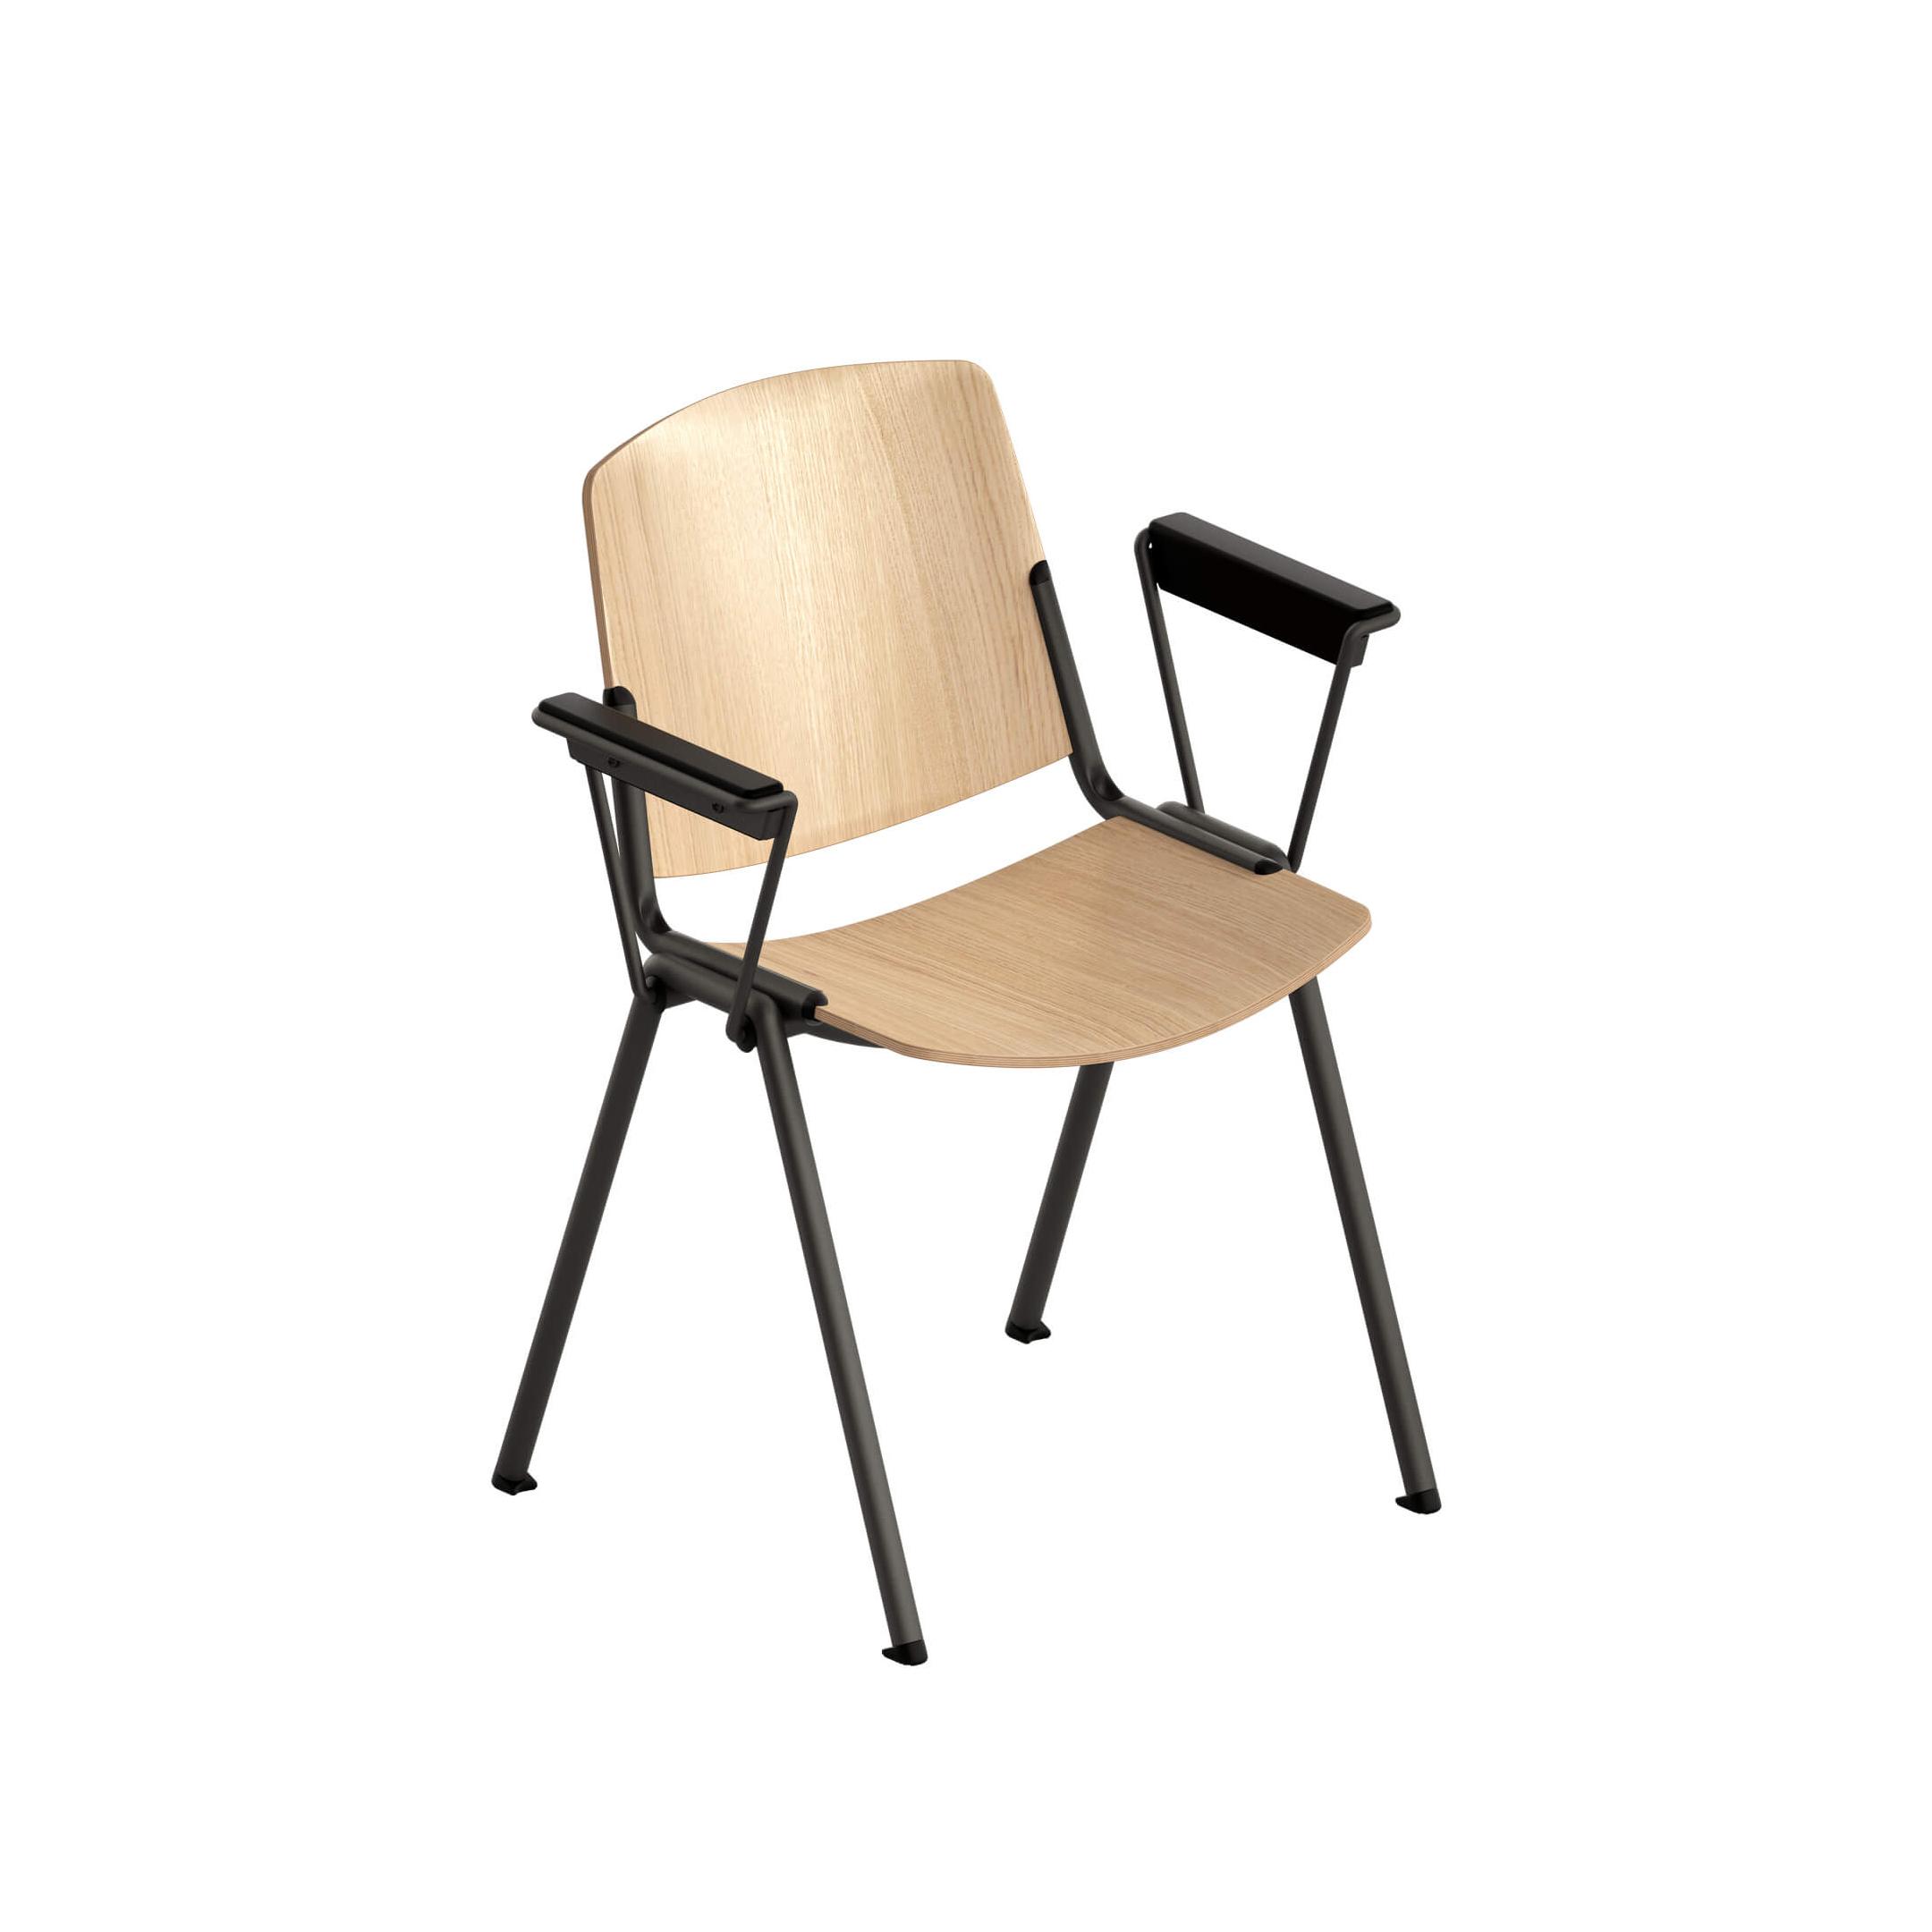 教育/培训家具|阶梯教室|创意家具|现代家居|时尚家具|设计师家具|定制家具|实木家具|新模块